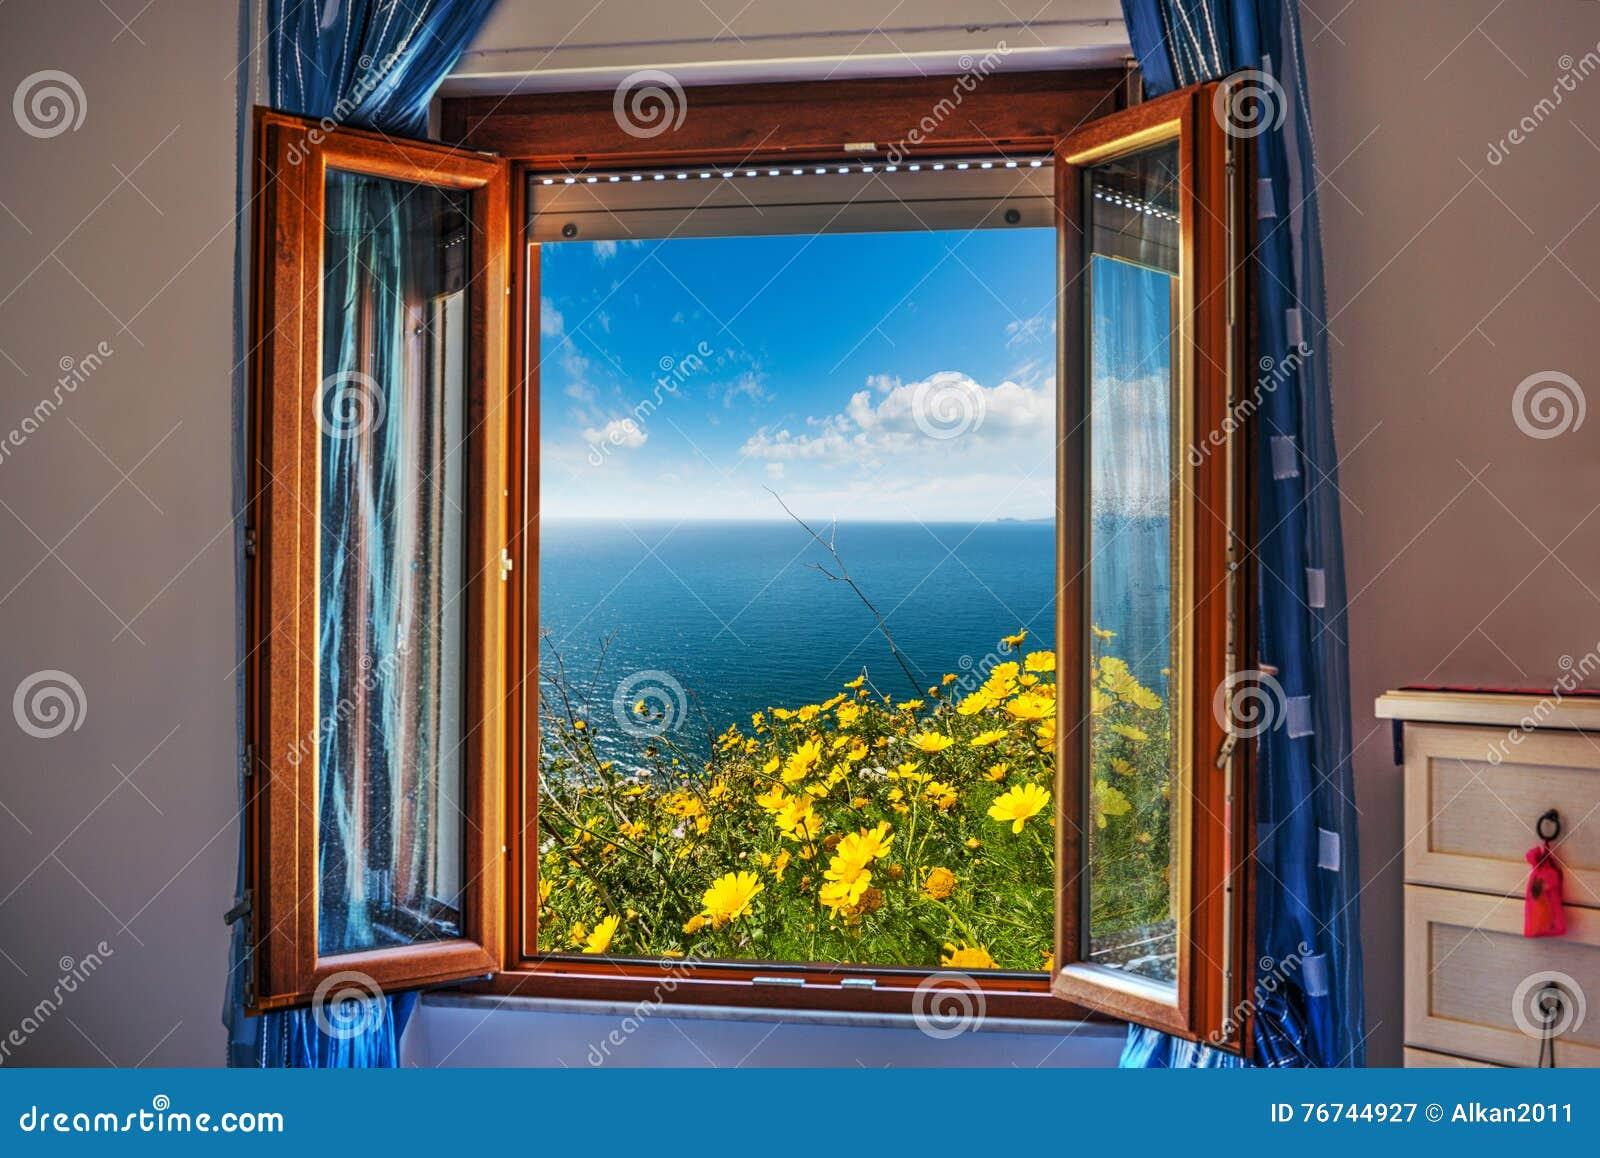 Fiori visti attraverso una finestra aperta immagine stock for Disegno di finestra aperta